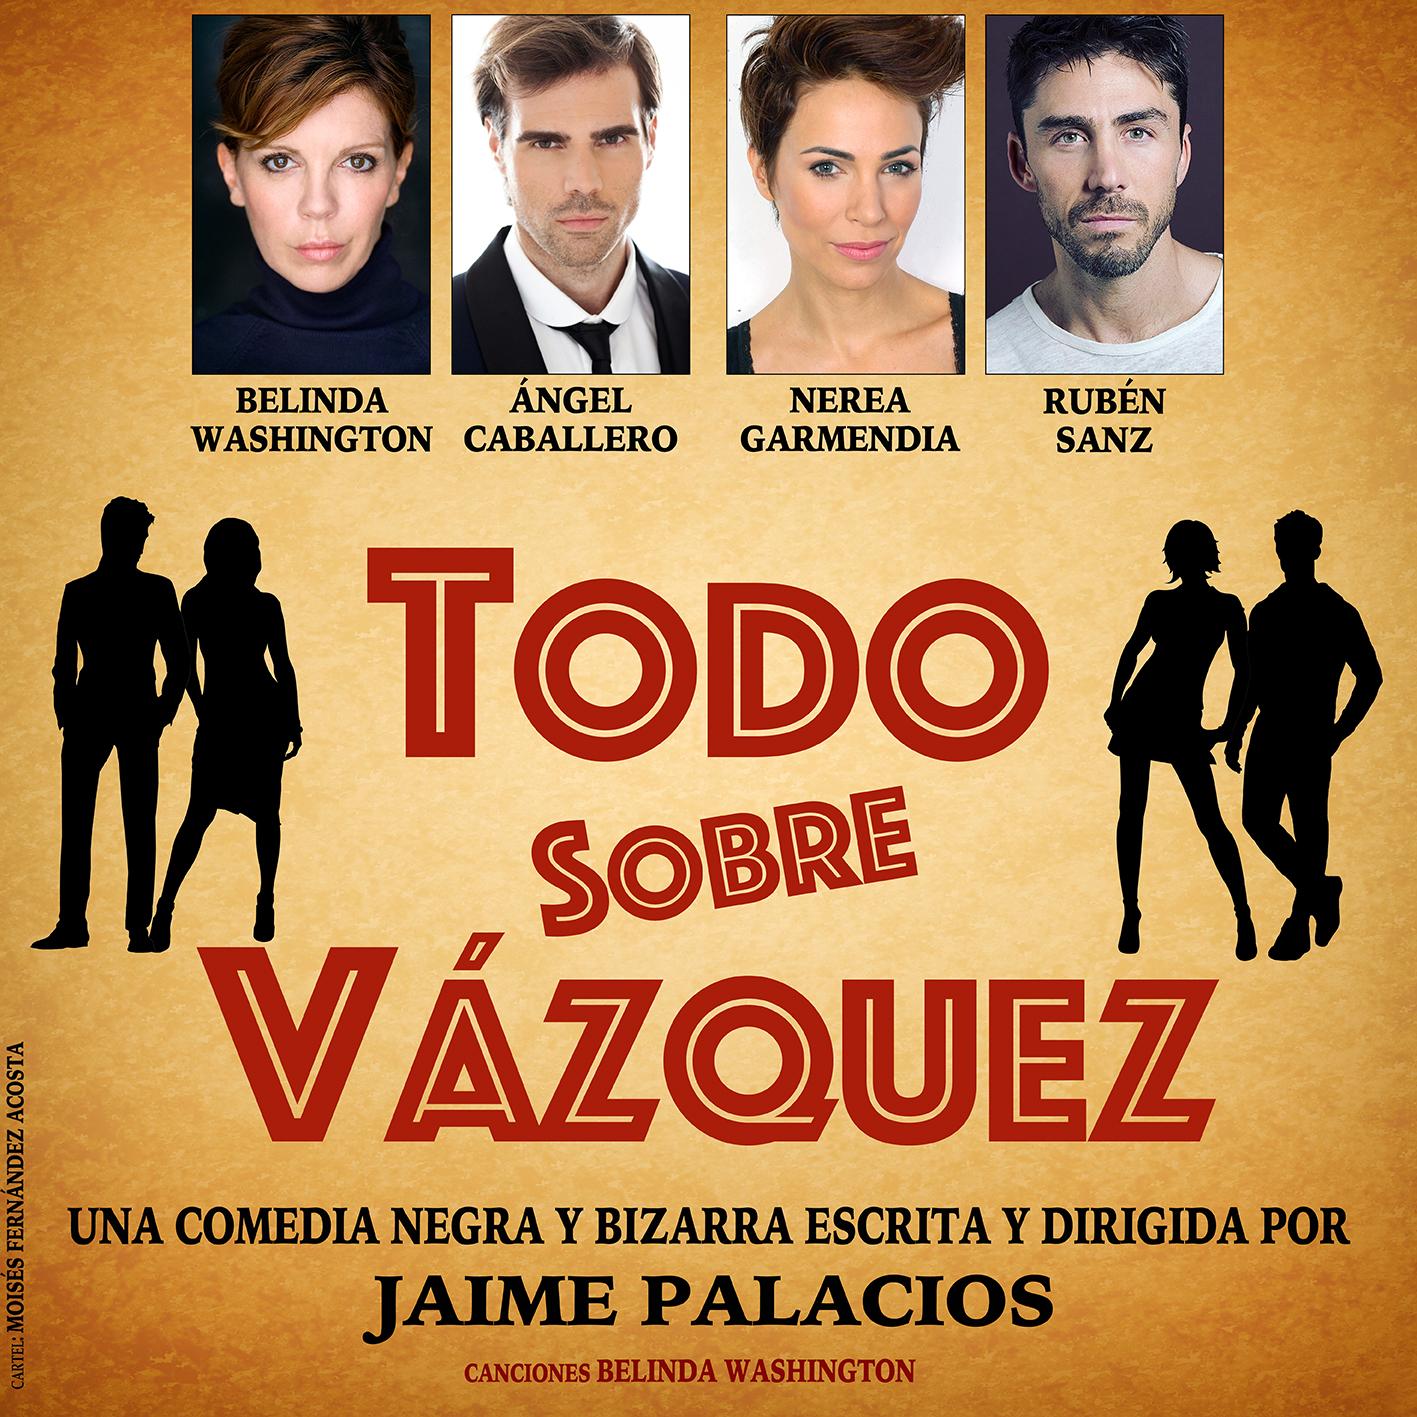 2013 El Buscón jacobo dicenta